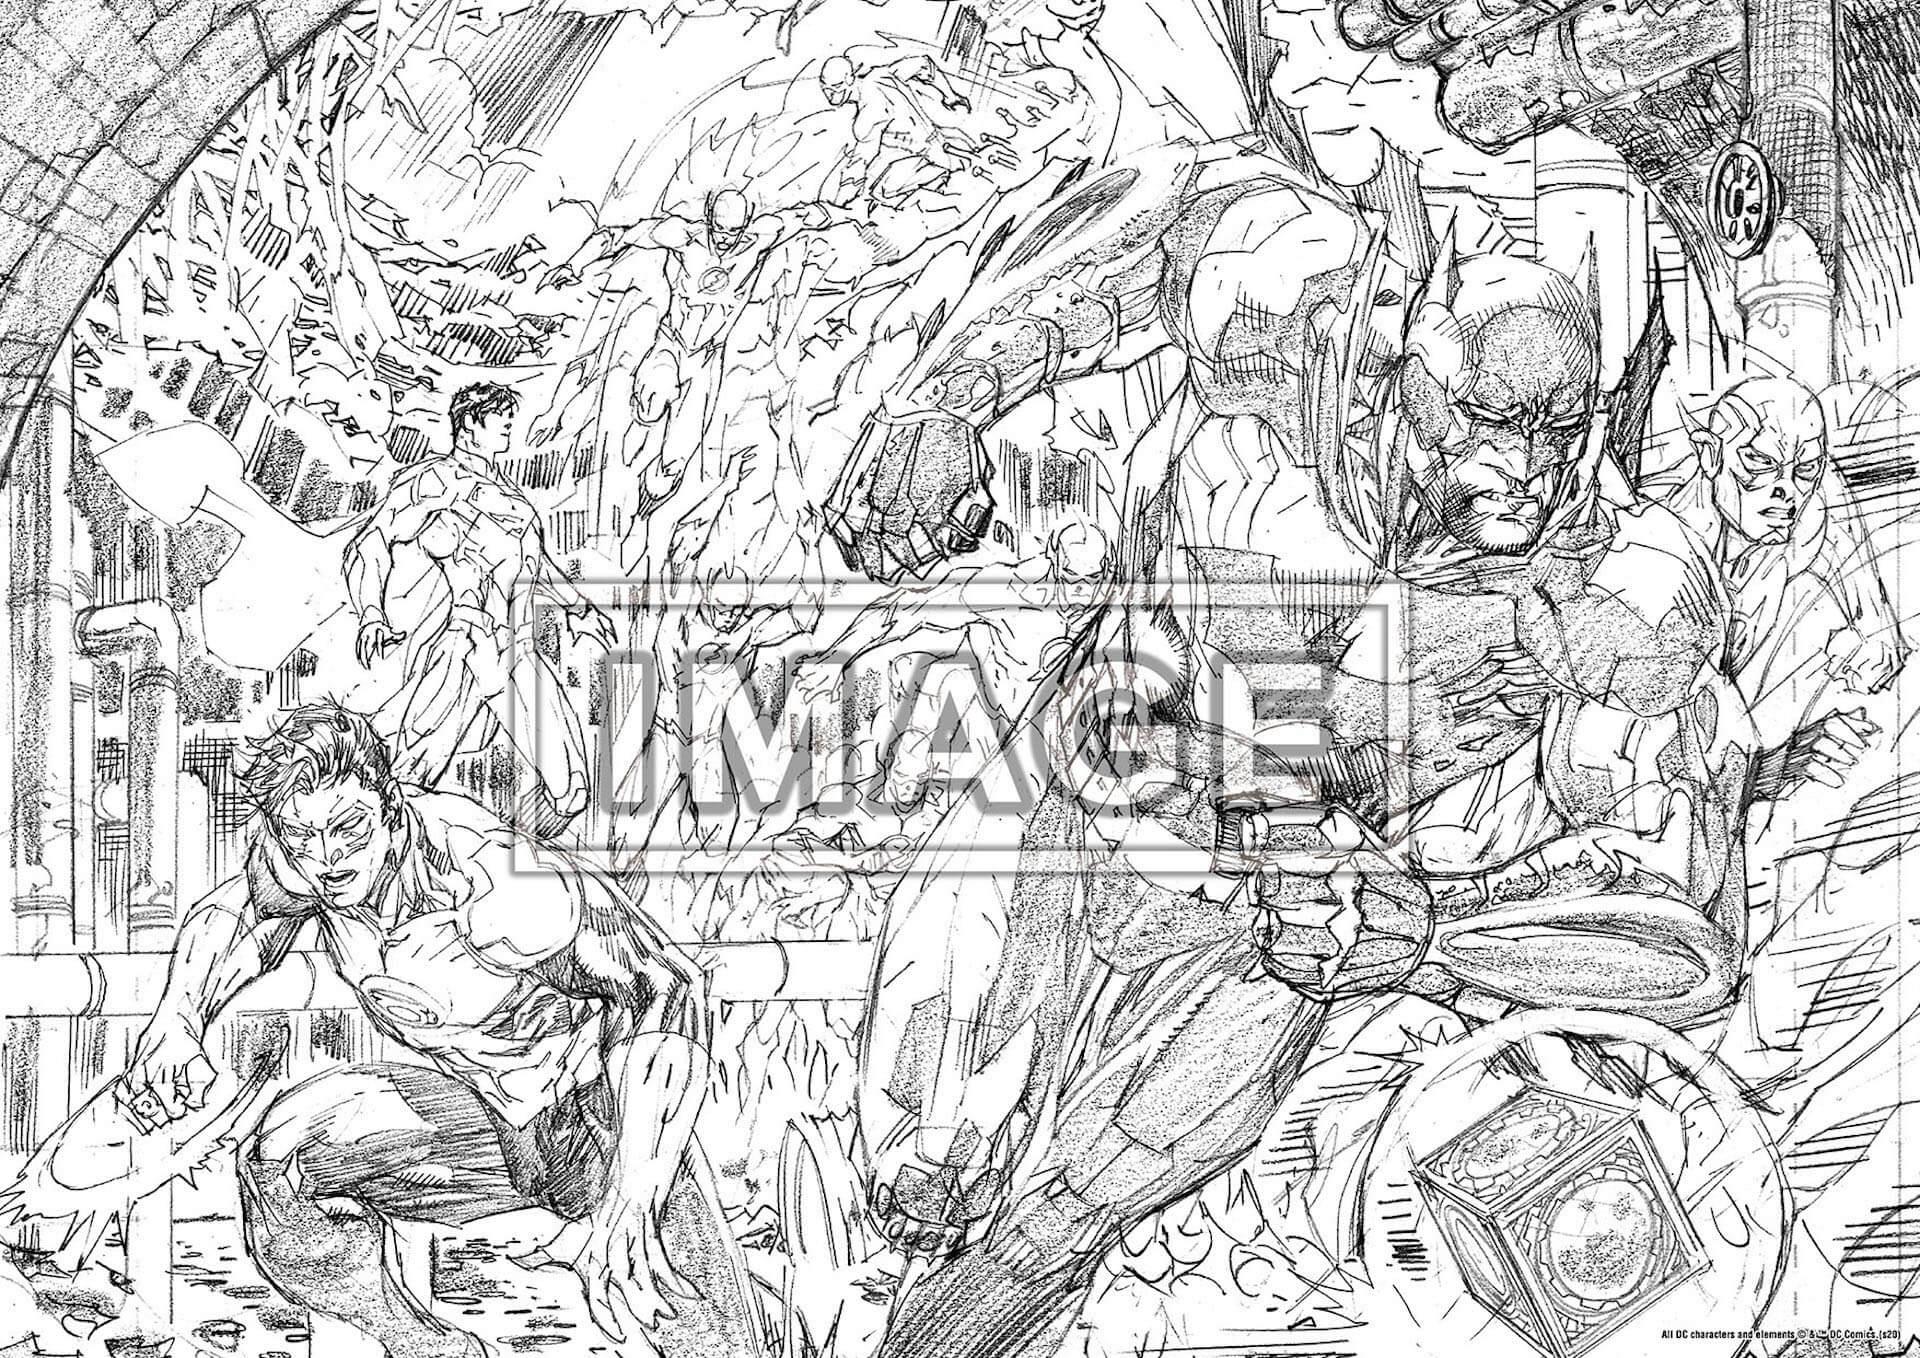 『ワンダーウーマン 1984』劇場公開記念!スーパーマン、バットマン、ジョーカーら人気DCキャラのBE@RBRICKや限定ポスターが当たるHappyくじが発売 art201216_dc_bearbrick_18